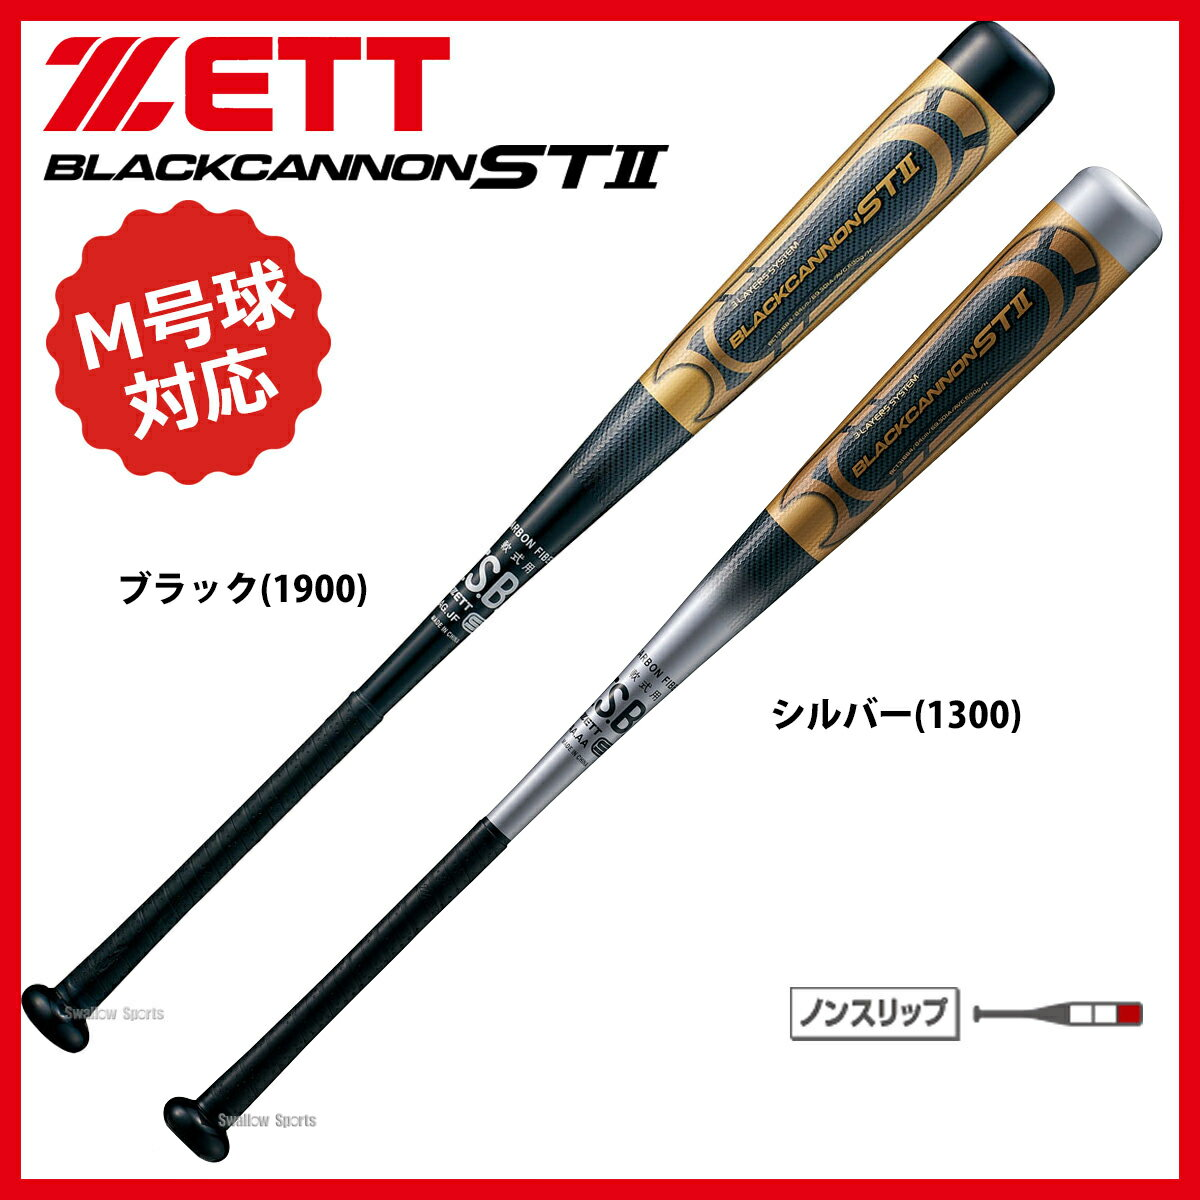 【あす楽対応】 ゼット ZETT 軟式 バット ブラックキャノン STII FRP製 M号球対応 BCT31884 お年玉 新年会 初売り